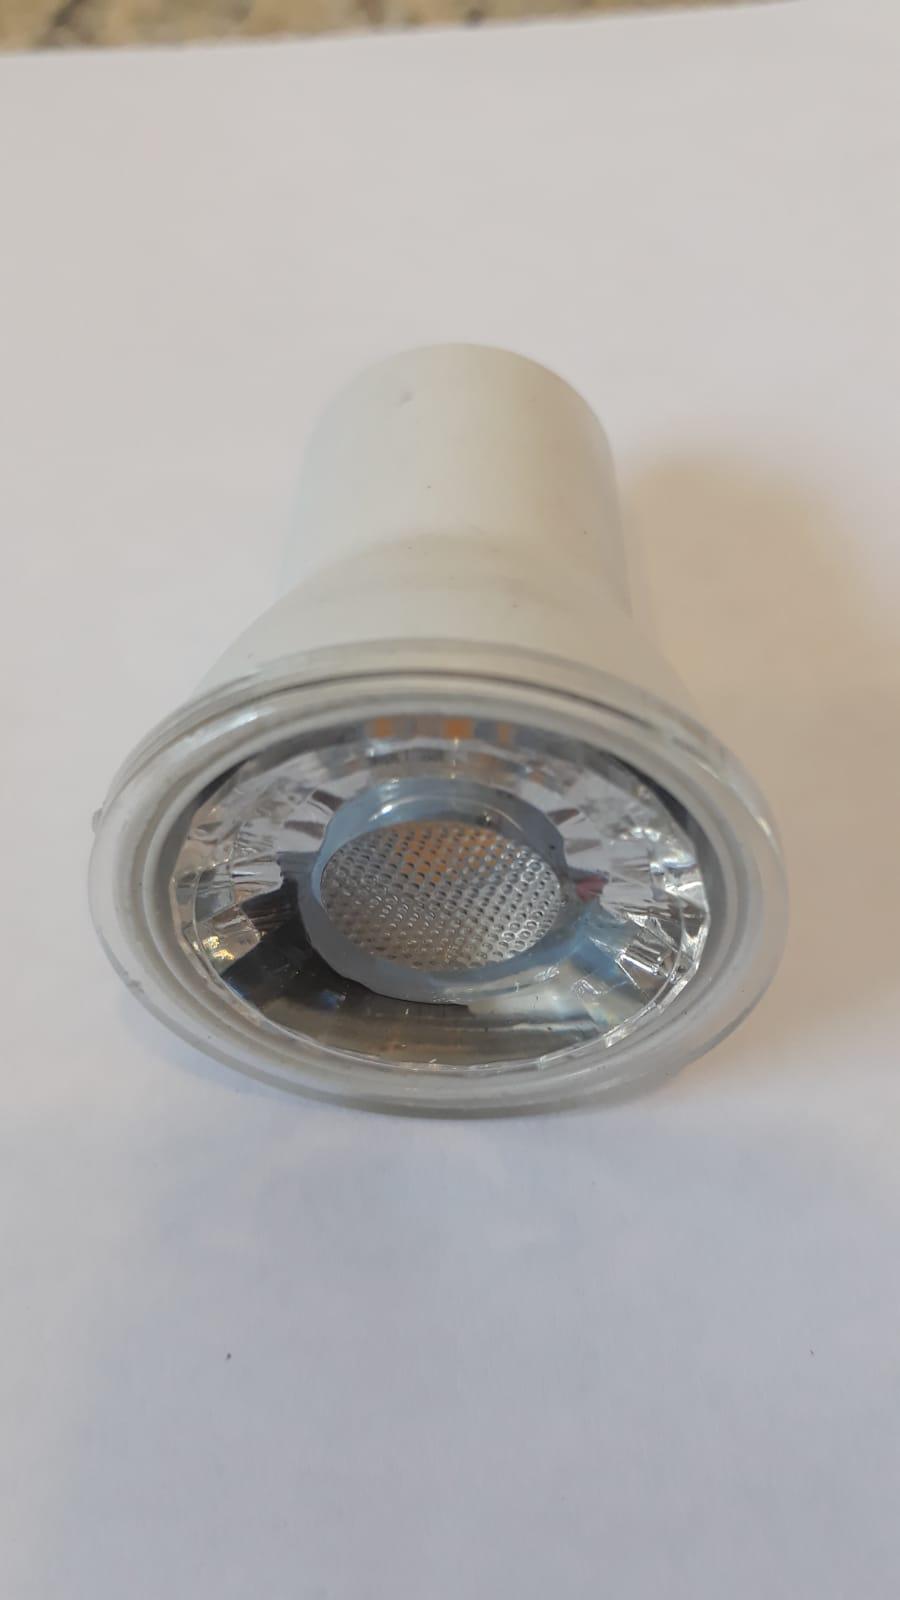 Lampada Led MINI DICROICA 3w 3000k Mr11 Gu10 Branco Quente